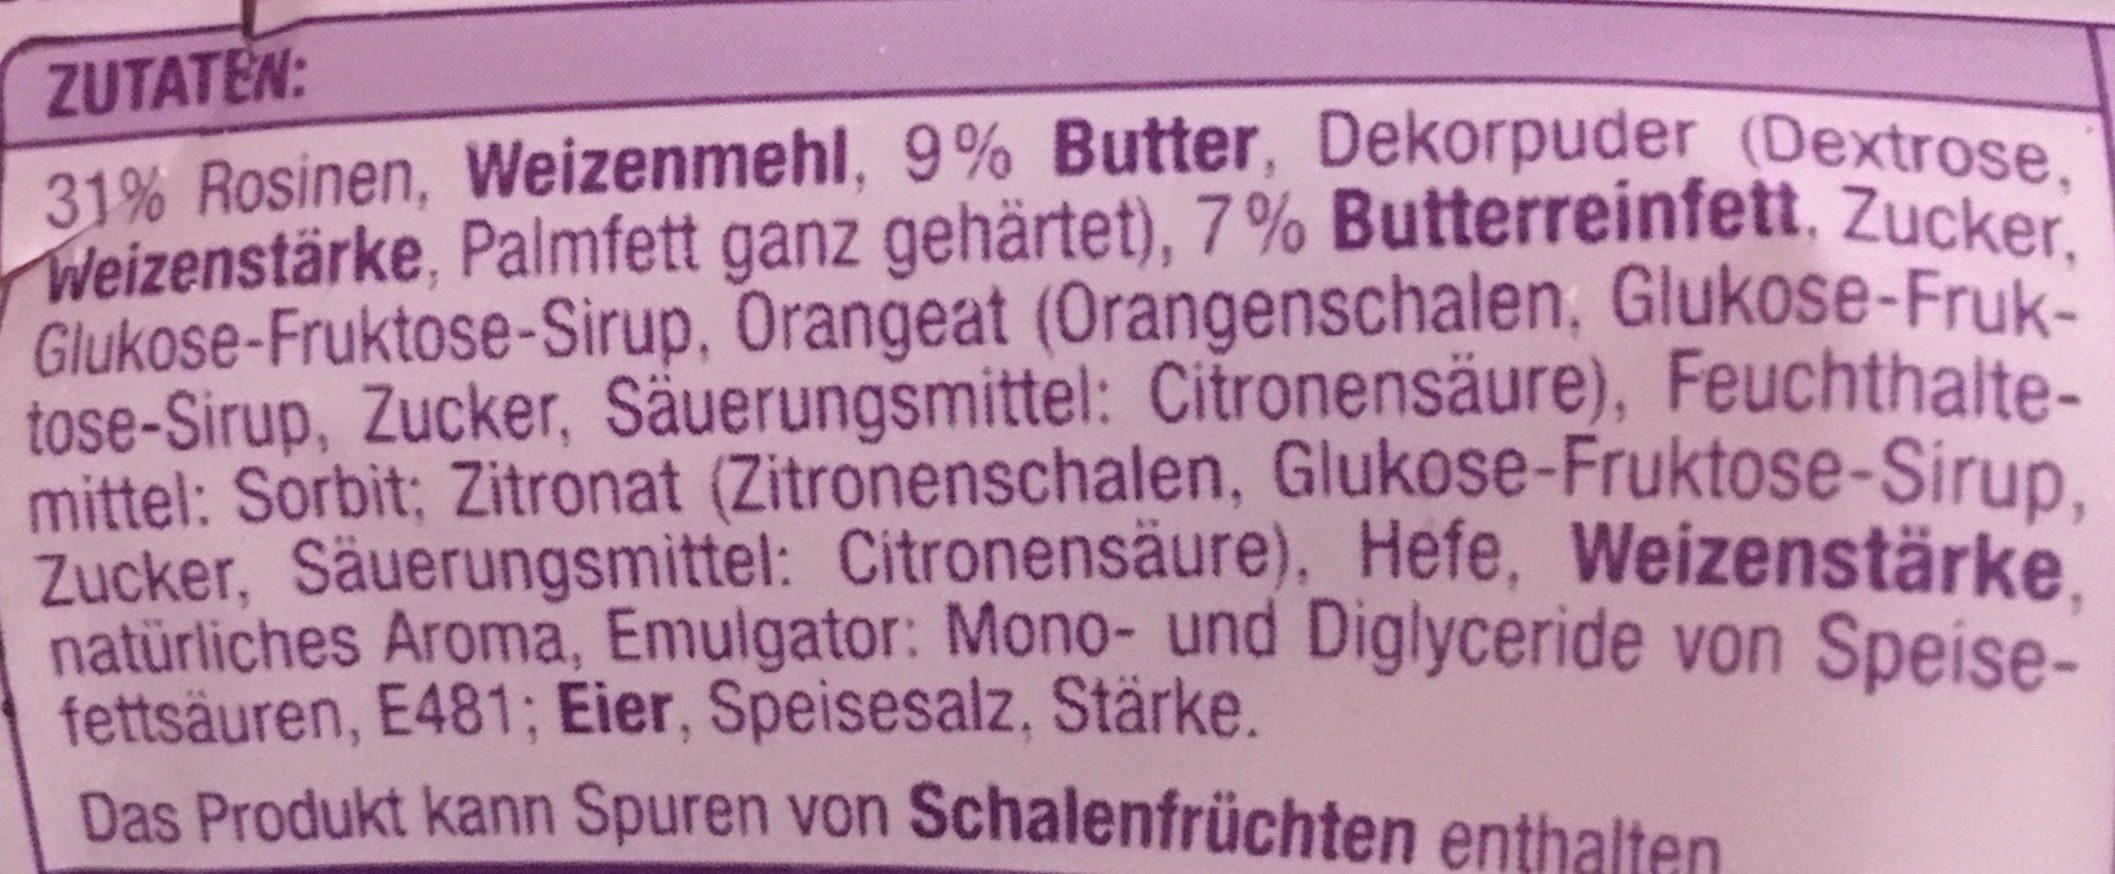 Butter Stollen - Ingrédients - fr